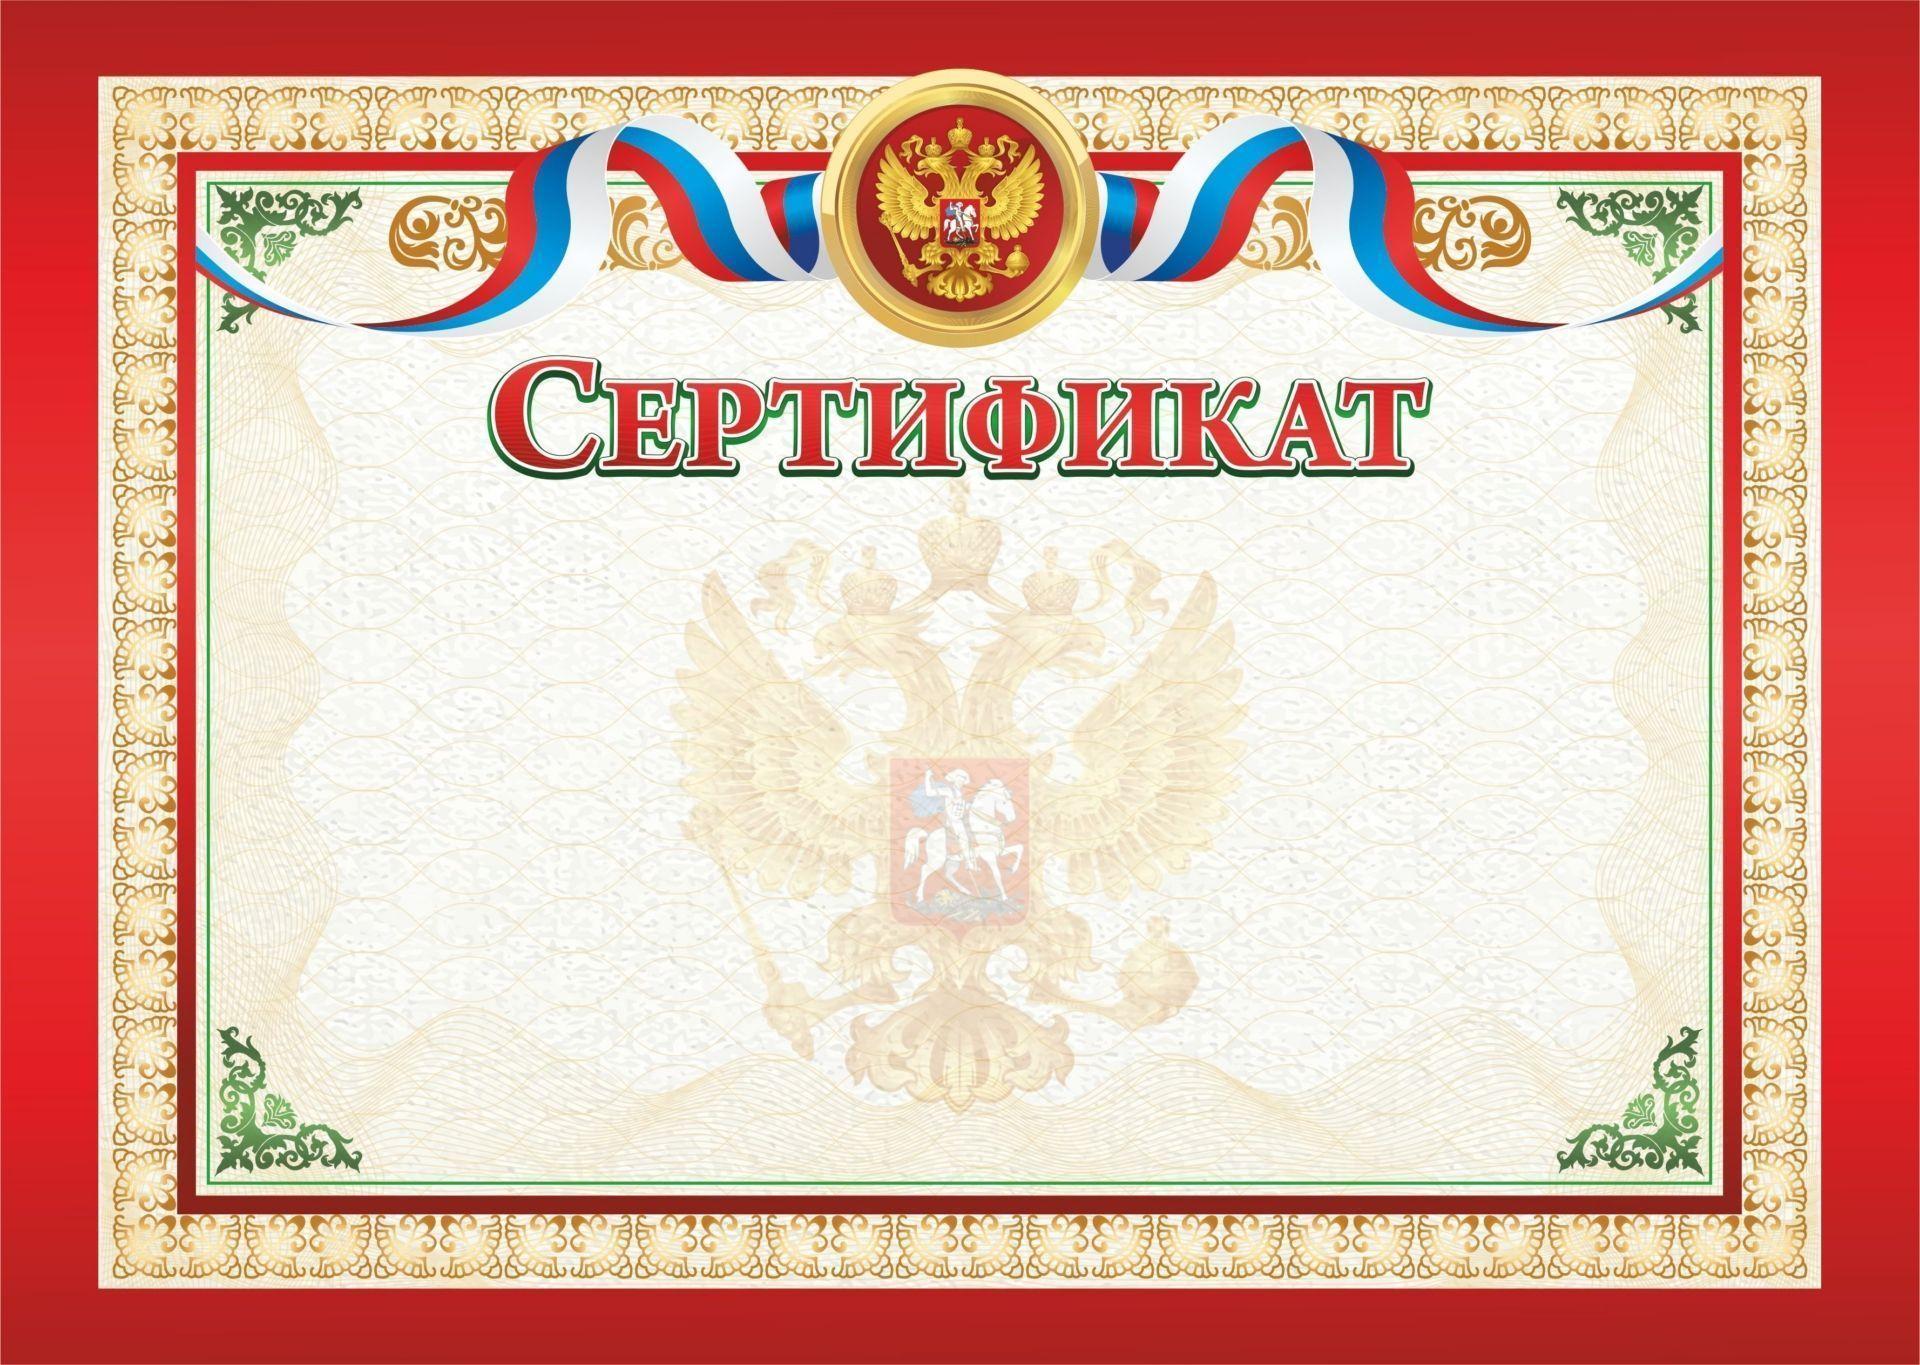 Сертификат (с гербом и флагом, горизонтальный)Сертификаты<br>Материалы:на обложку - бумага мелованная, пл. 250.00.<br><br>Год: 2018<br>Высота: 297<br>Ширина: 210